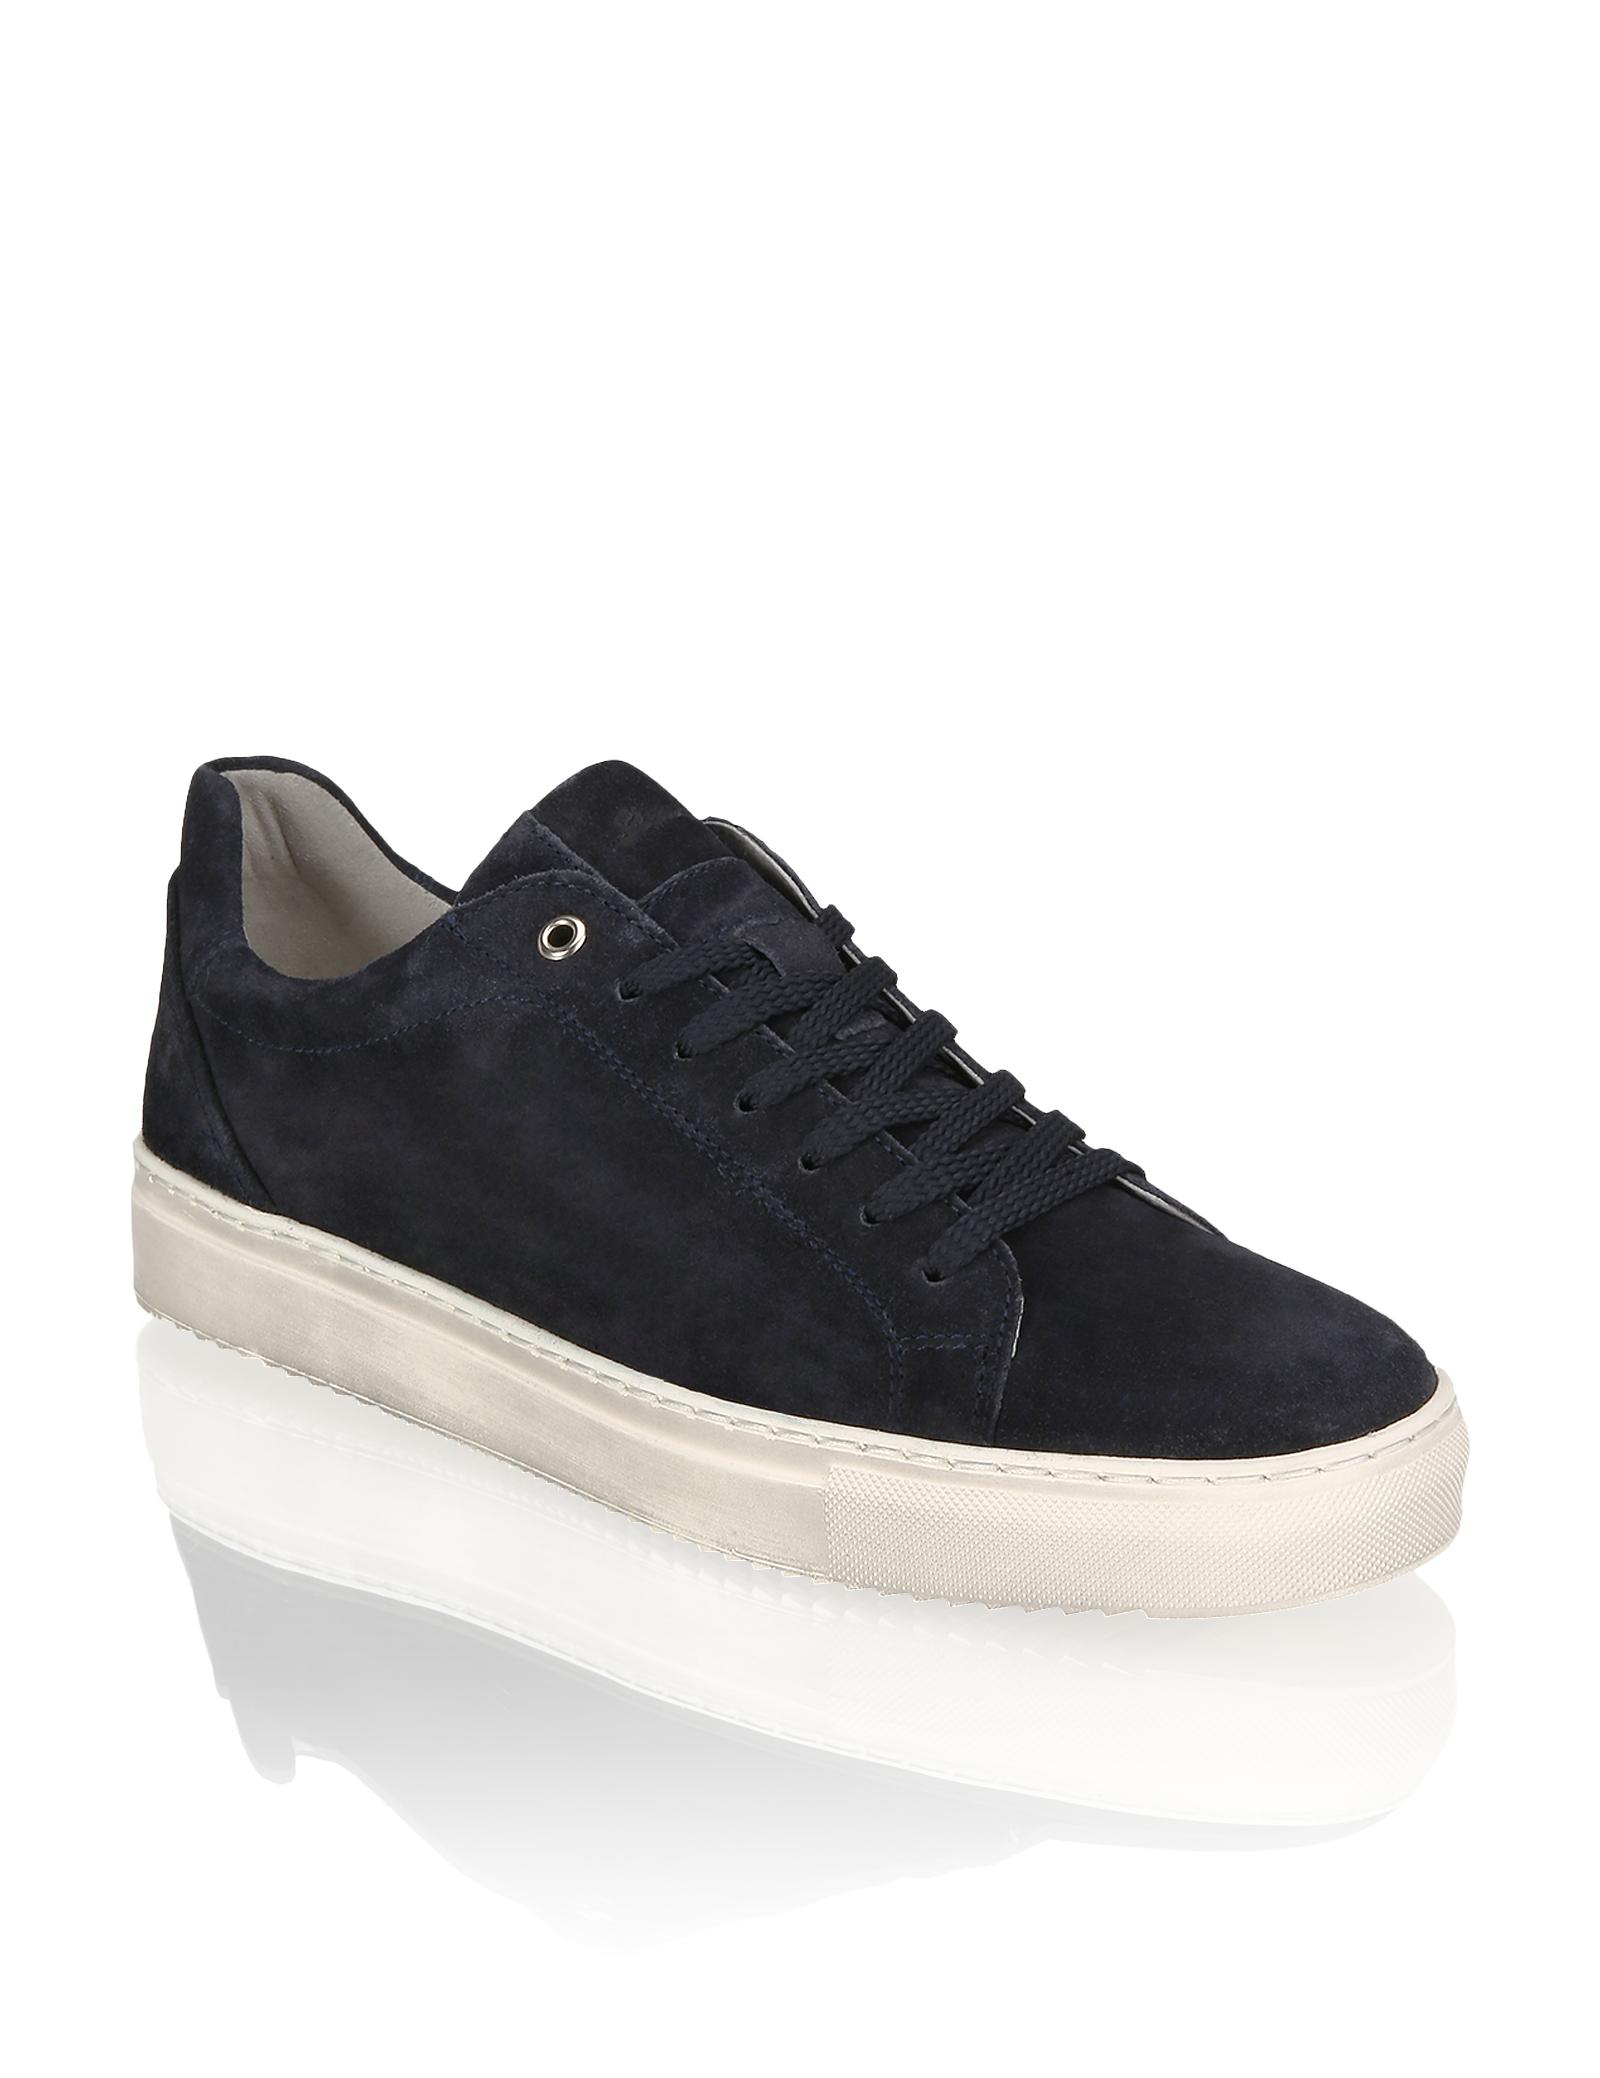 Artikel klicken und genauer betrachten! - Sioux Tils Sneaker 001 | im Online Shop kaufen